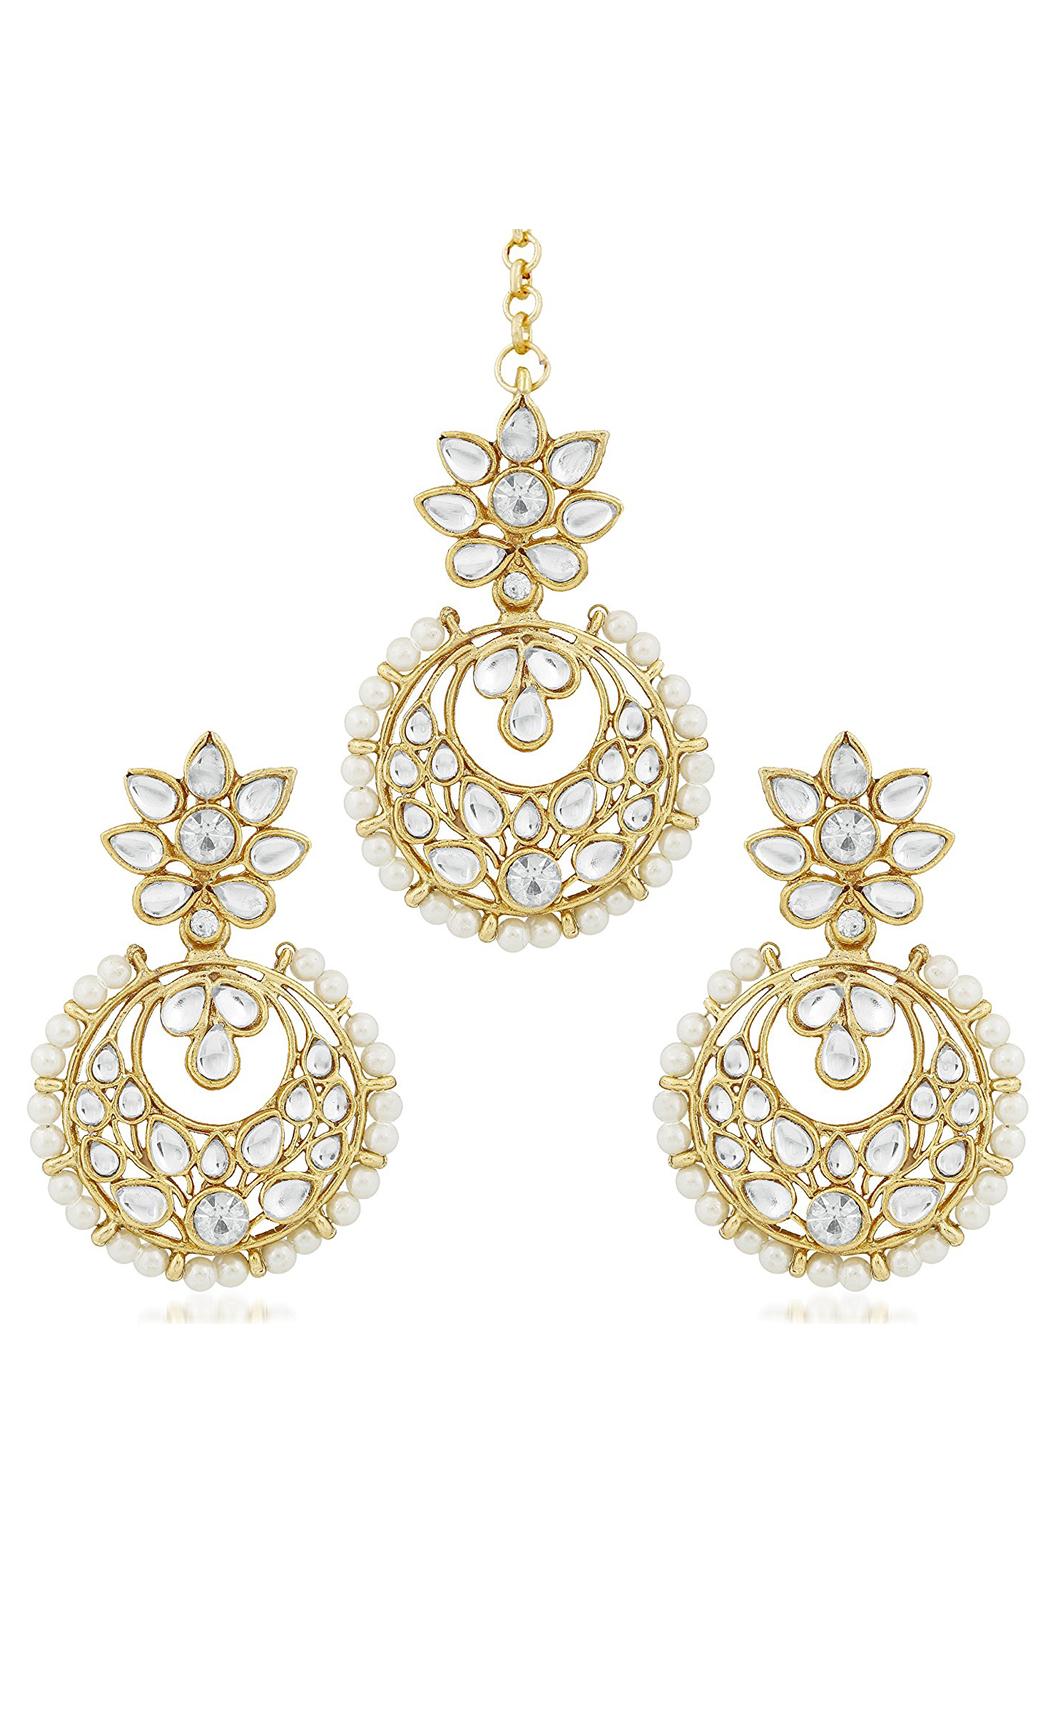 Kundan and Pearls Chandbalis & Mangtika Set - Shop Now